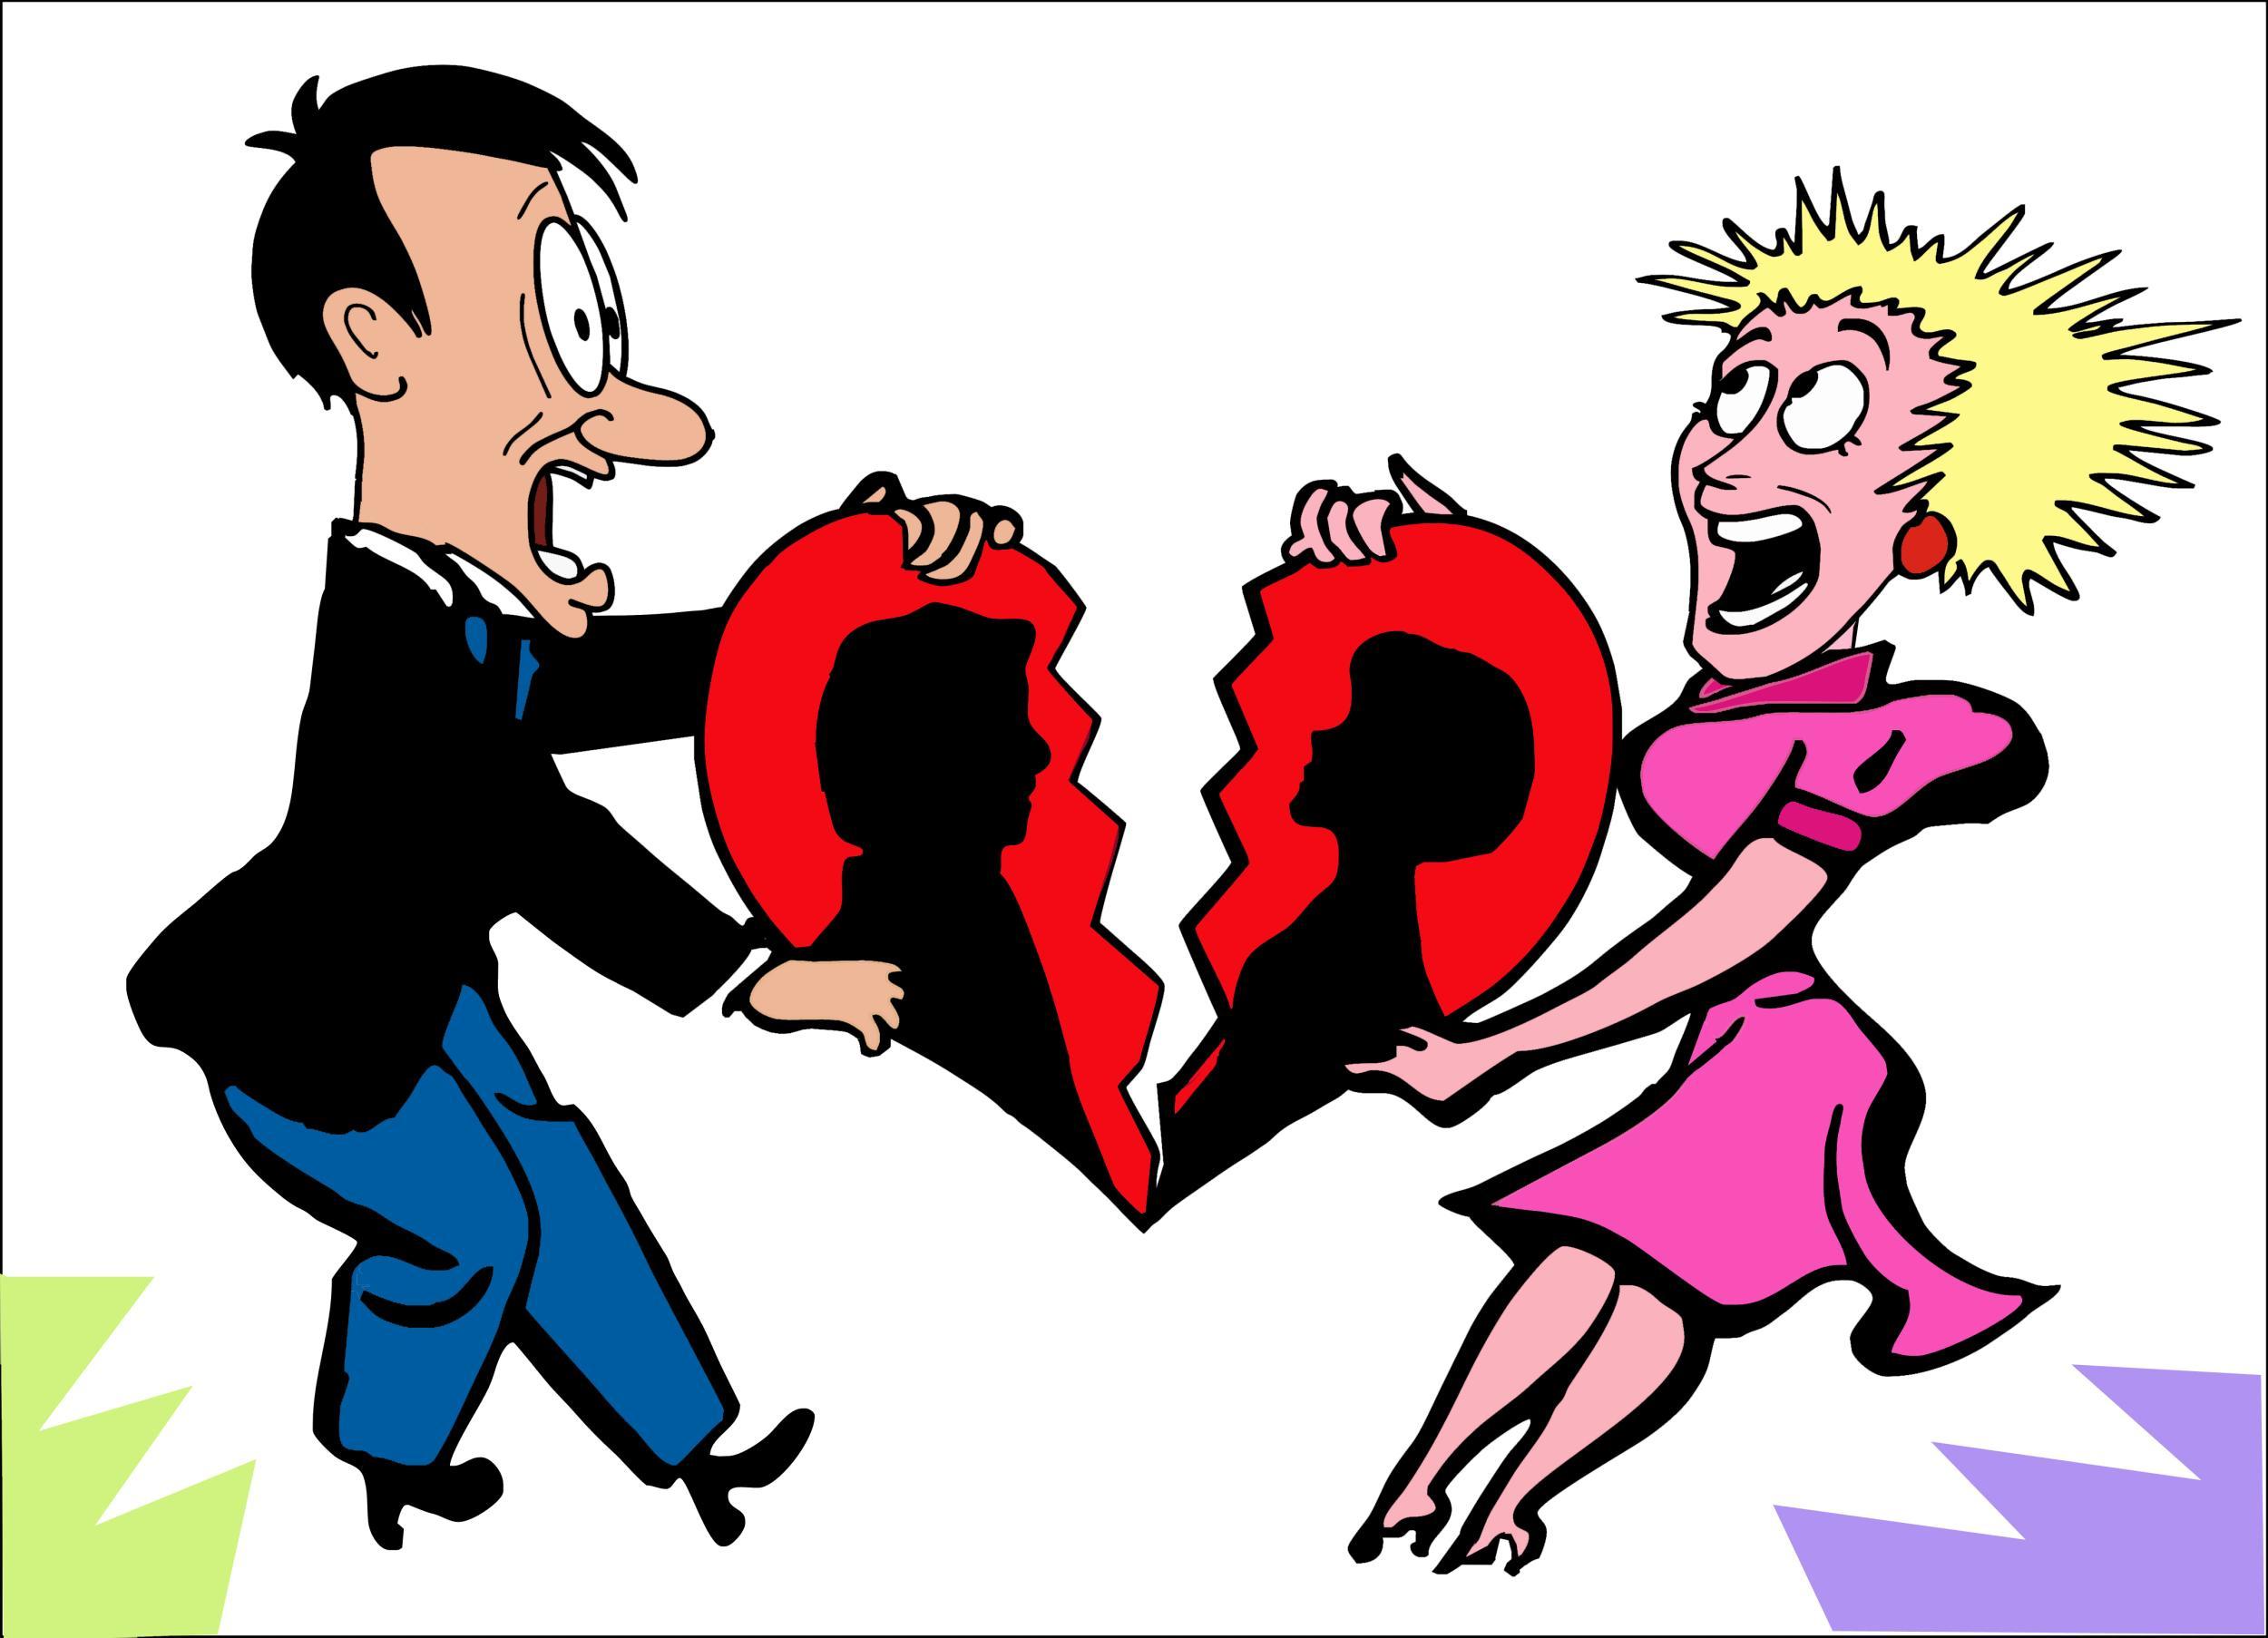 法律咨询:离婚时能要求退还彩礼吗 男子离婚讨要20余万彩礼